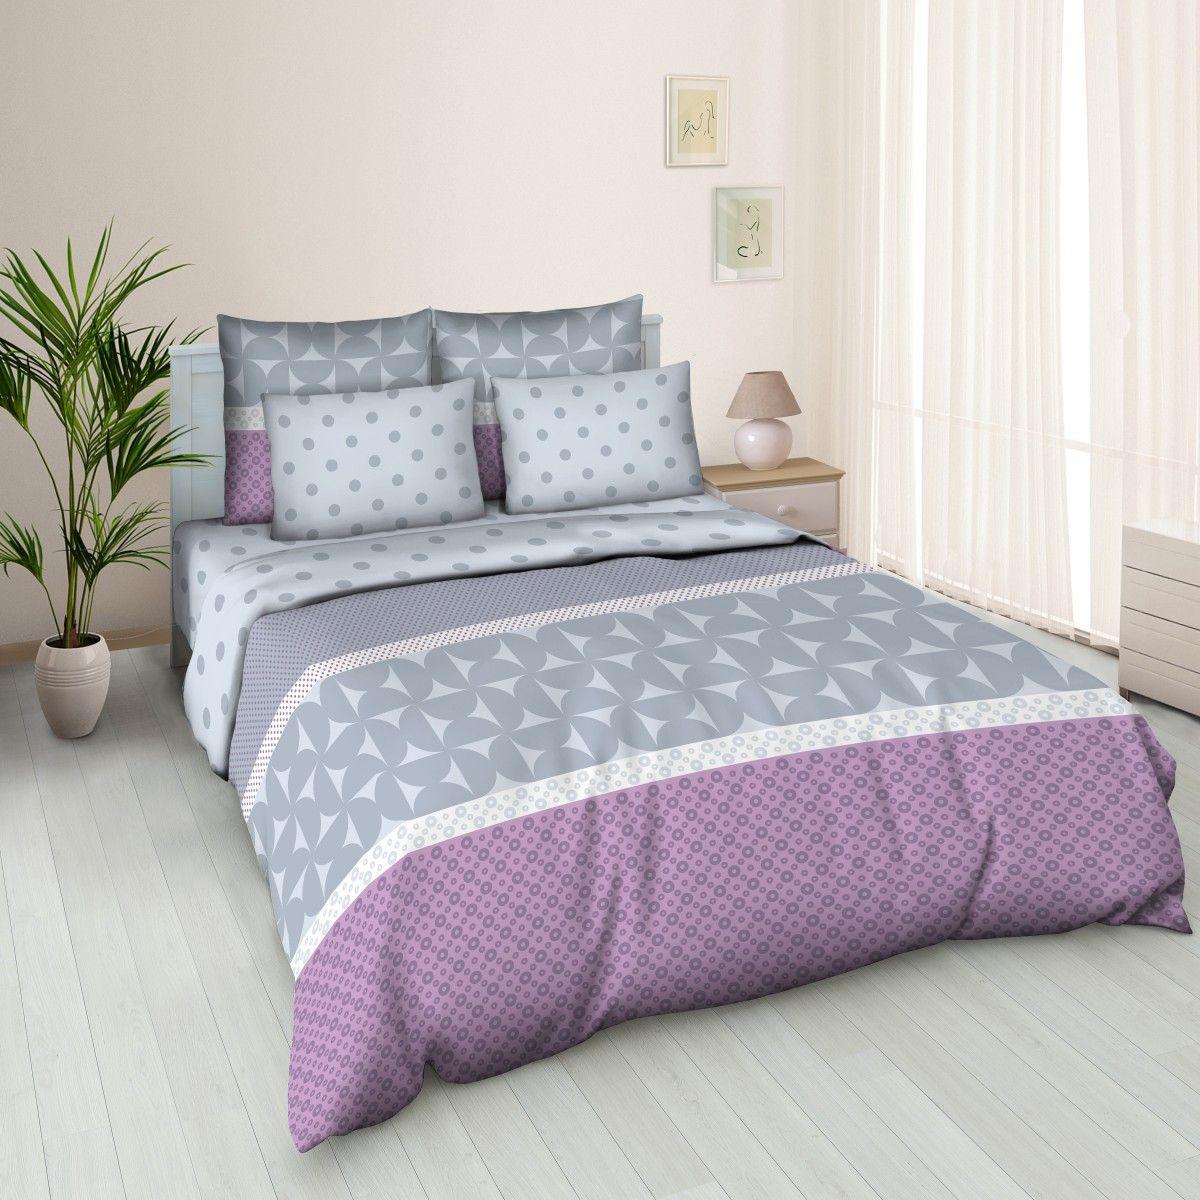 """Комплект белья Amore Mio """"Solo"""", 2-спальный, наволочки 70x70, цвет: серый, сиреневый, белый 83333"""